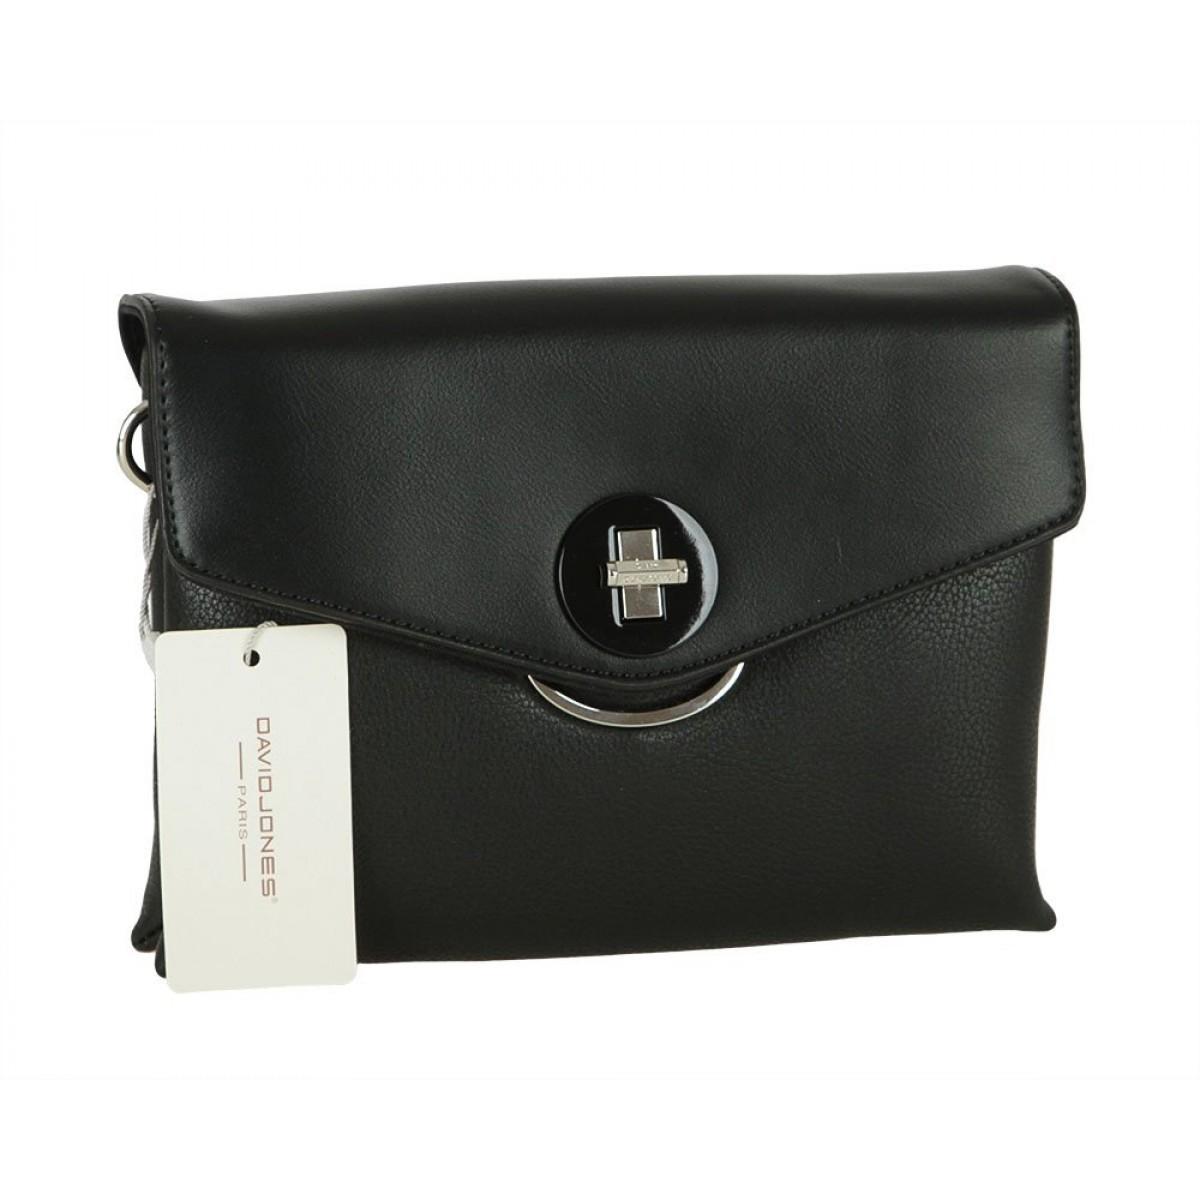 Жіноча сумка David Jones 6414-1 BLACK